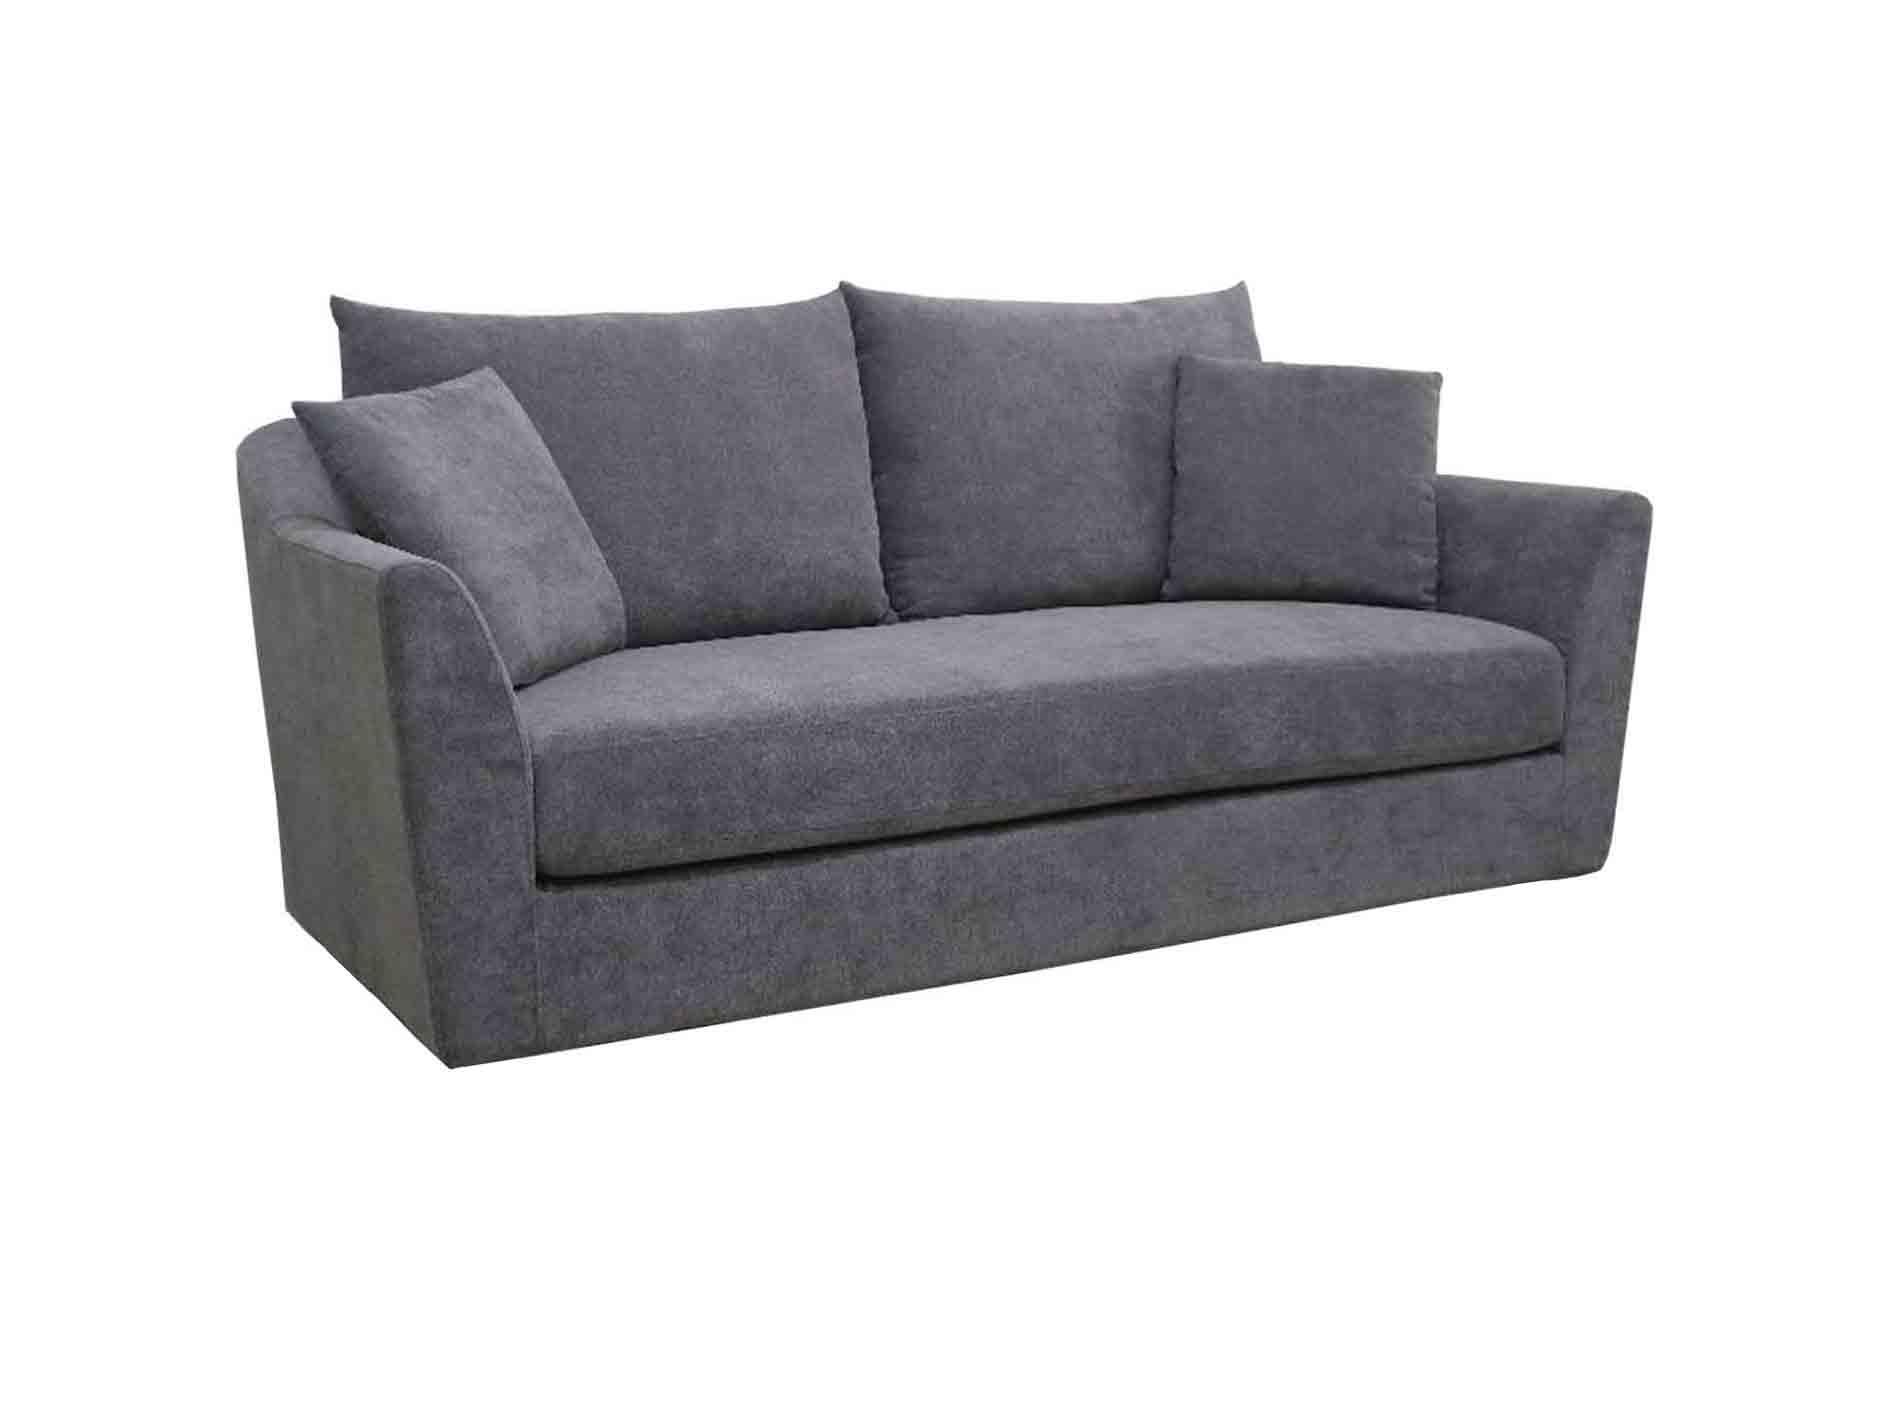 Valerio Designer Italian Fabric Sofa – Buona-JR – 3 Seater fabric sofa (2.0M)